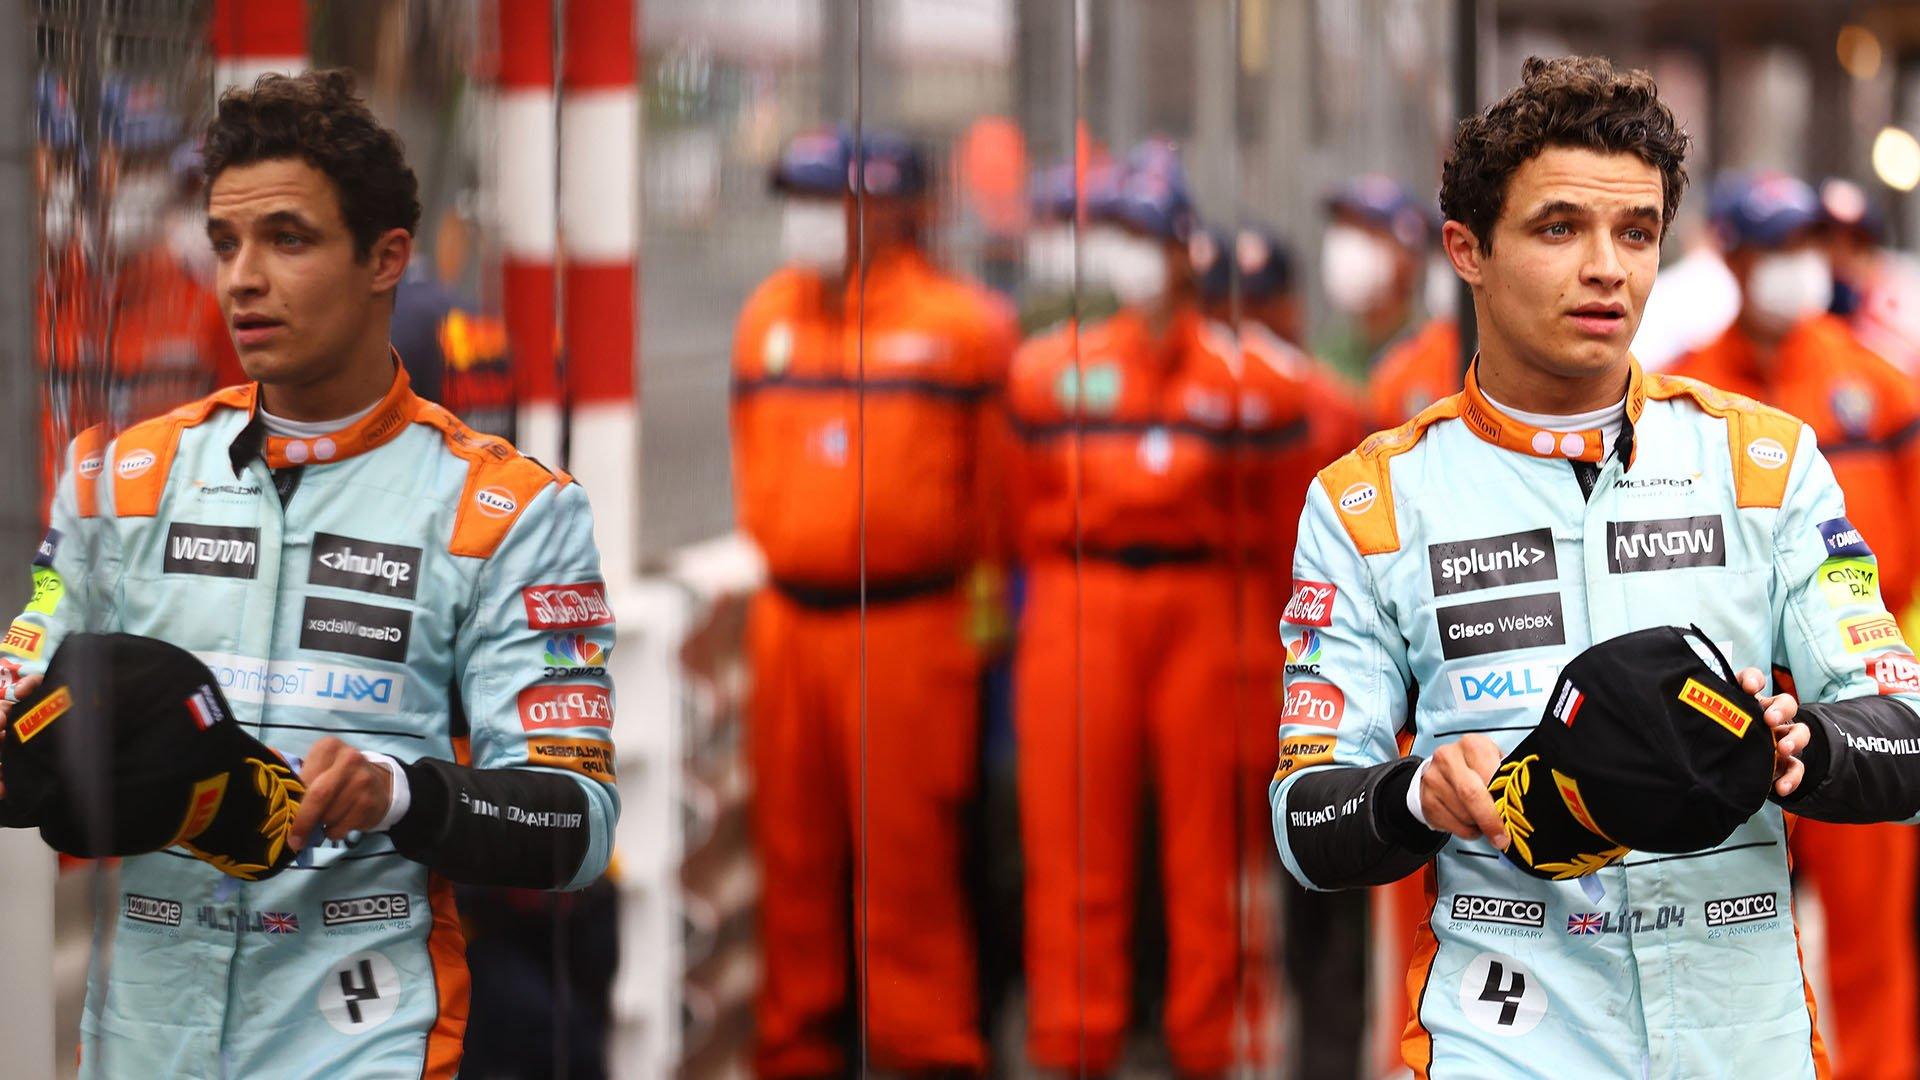 Lando Norris camino del podio en Mónaco